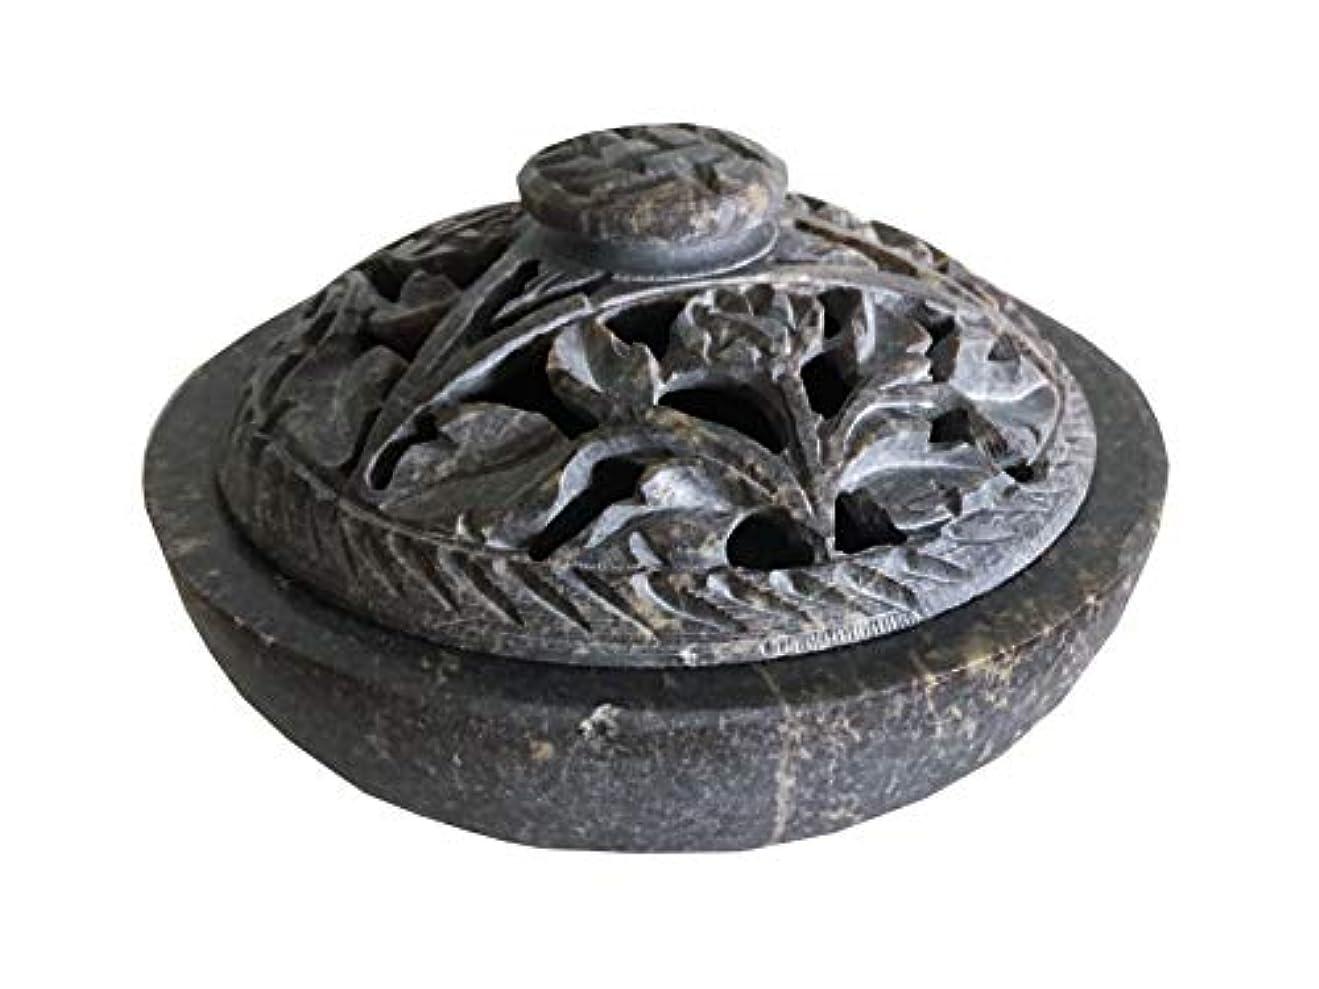 接続された受動的ワイヤーNaiソープストーン/ストーン香炉ボウル、ポット、Jarコーンの、スティック、Resinsまたはcharcoal-flowerパターンj825